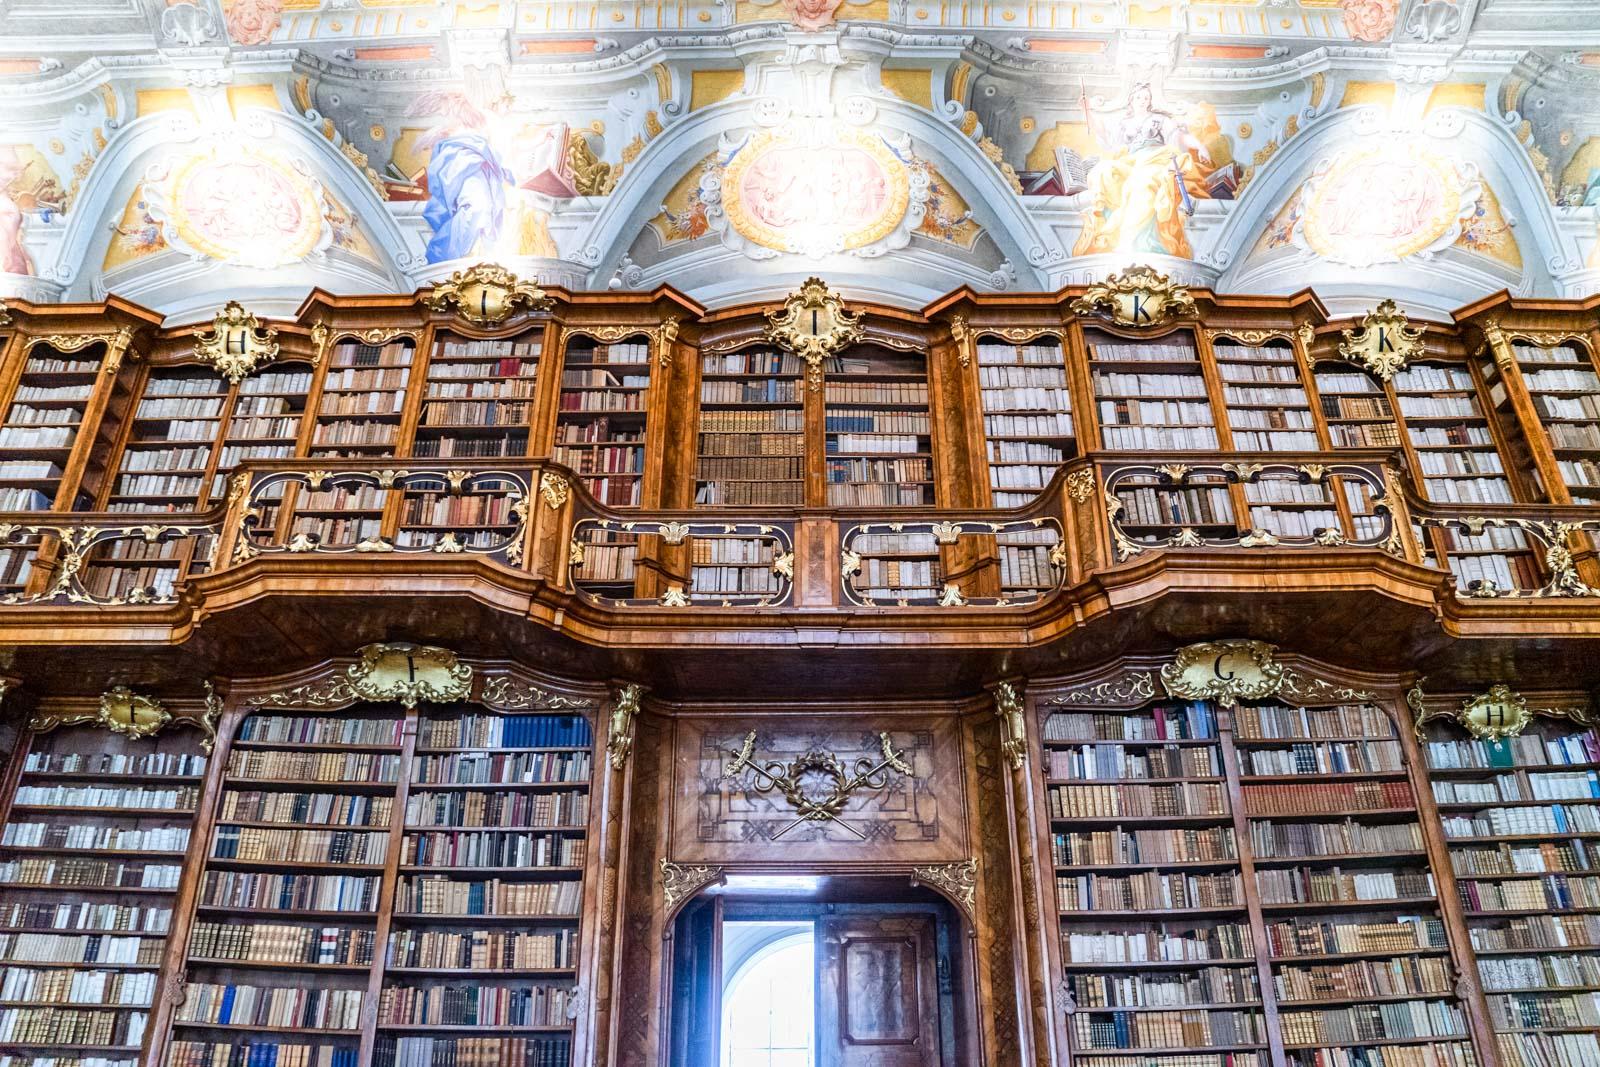 St Florian Monastery Library, Austria